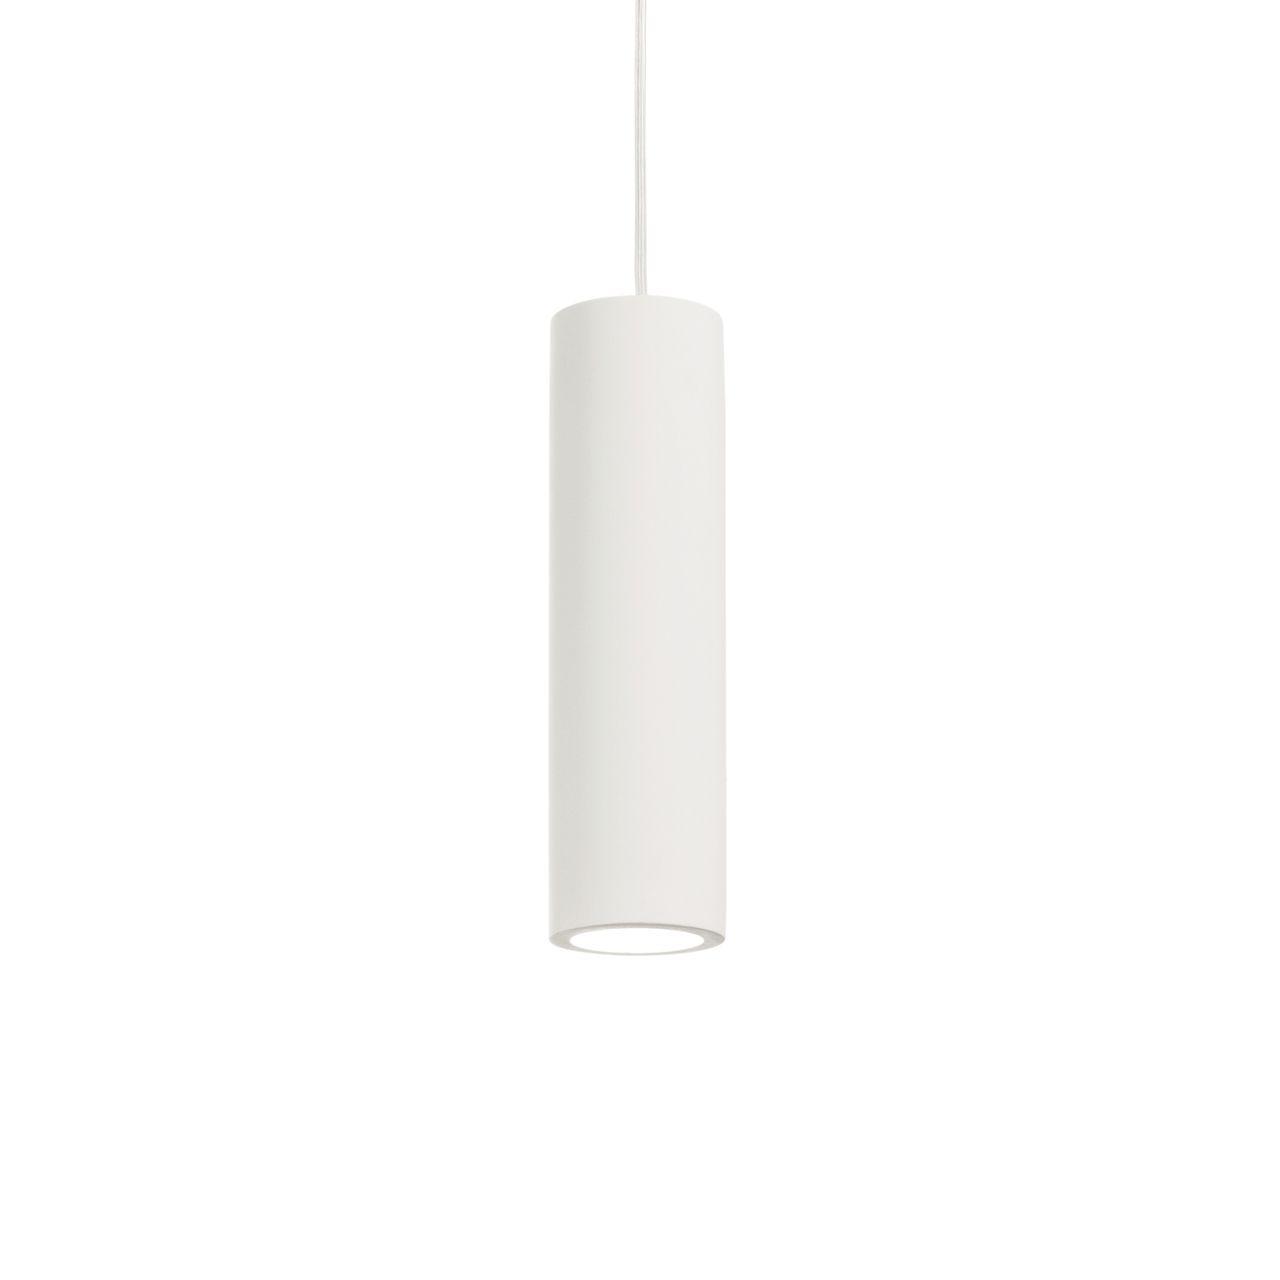 Подвесной светильник Ideal Lux Oak SP1 Round Bianco ideal lux подвесной светильник ideal lux bistro sp1 round fume